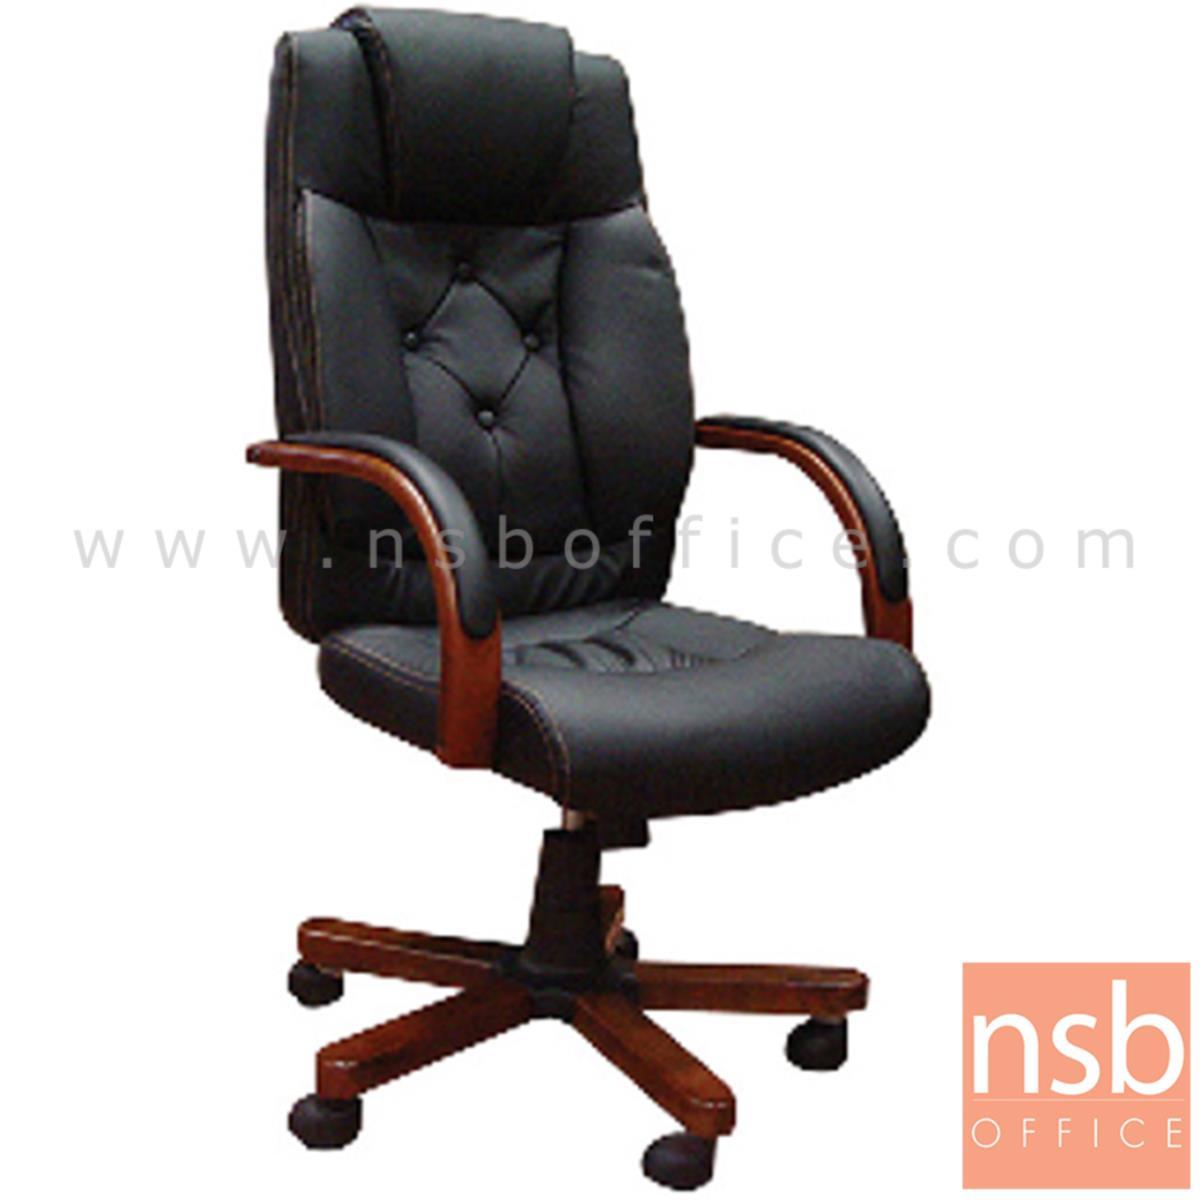 B25A081:เก้าอี้ผู้บริหารหนัง PU รุ่น Stamos (สเตโมส)  ขาไม้